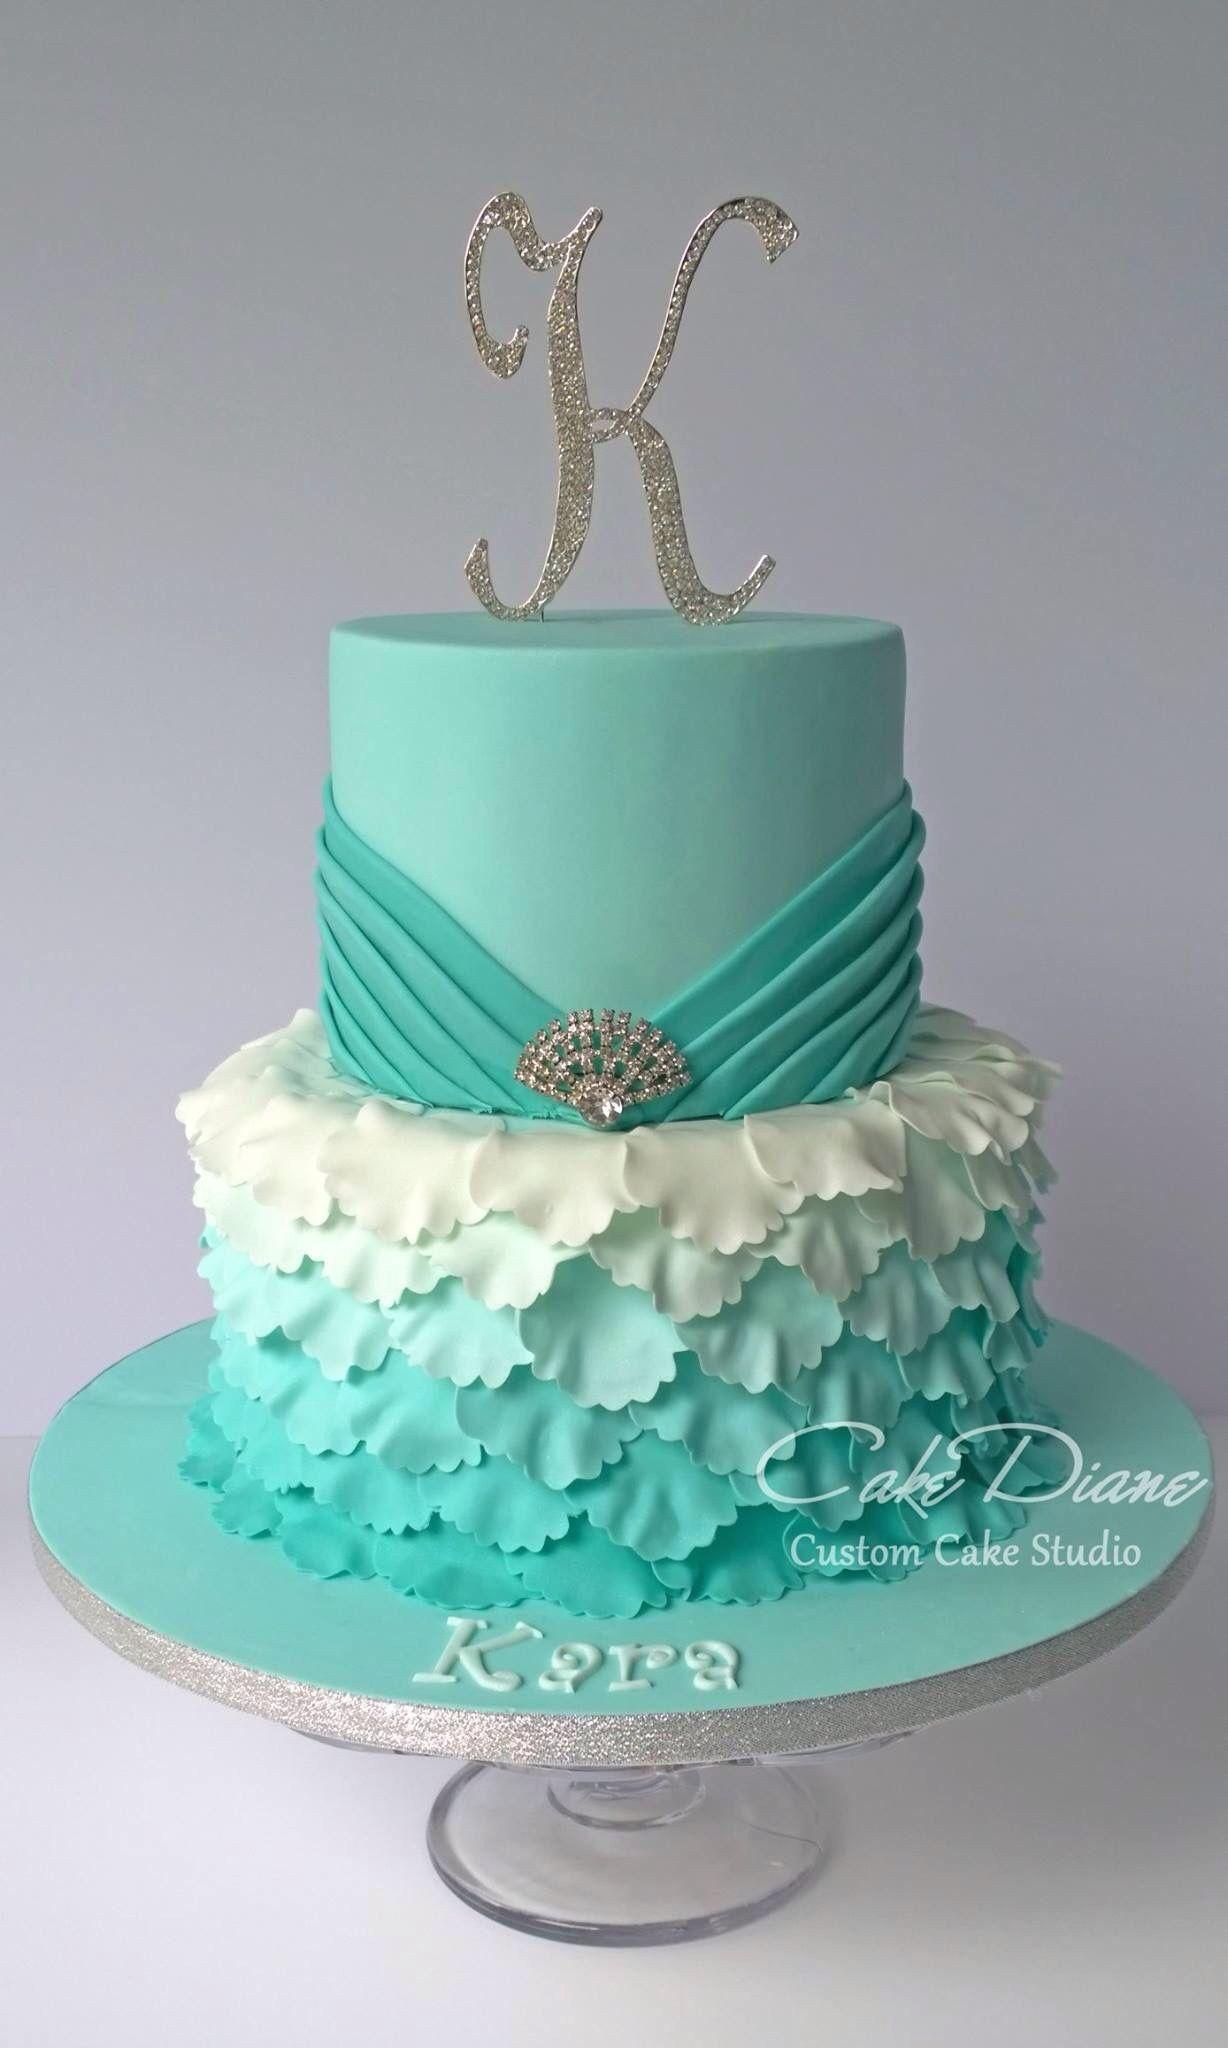 15 Birthday Cake Ideas Girl : birthday, ideas, Beautiful, Image, Birthday, Cakes, Birijus.com, Sweet, Cake,, Cakes,, Girls